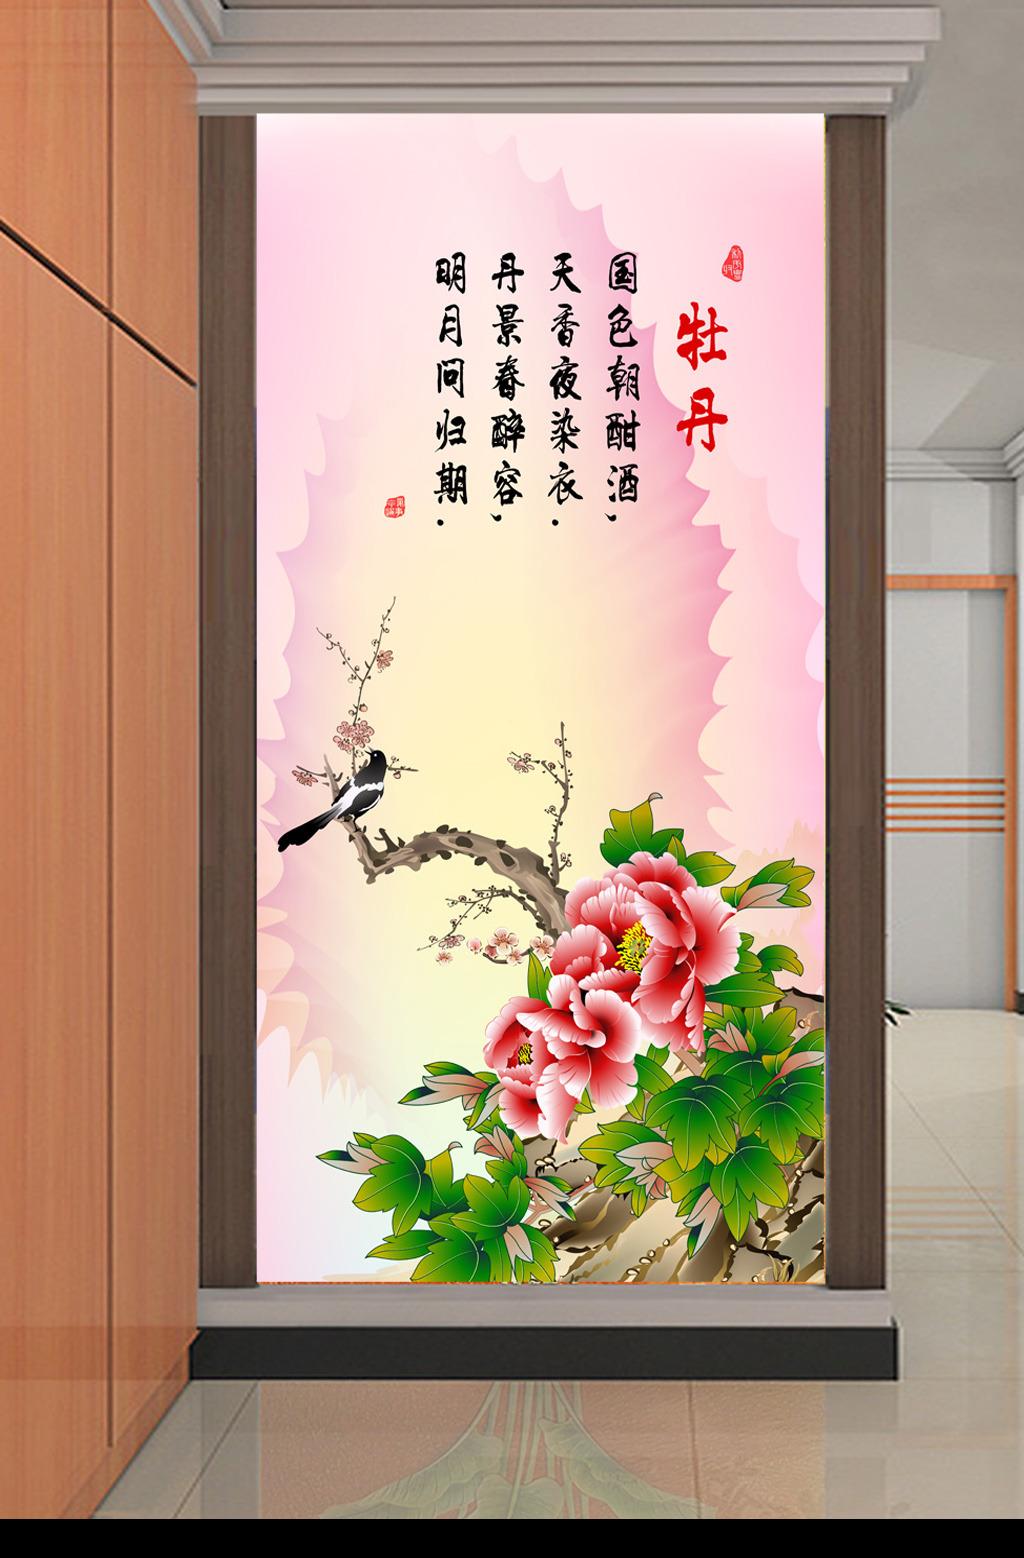 牡丹花开富贵吉祥喜鹊过道玄关背景墙图片